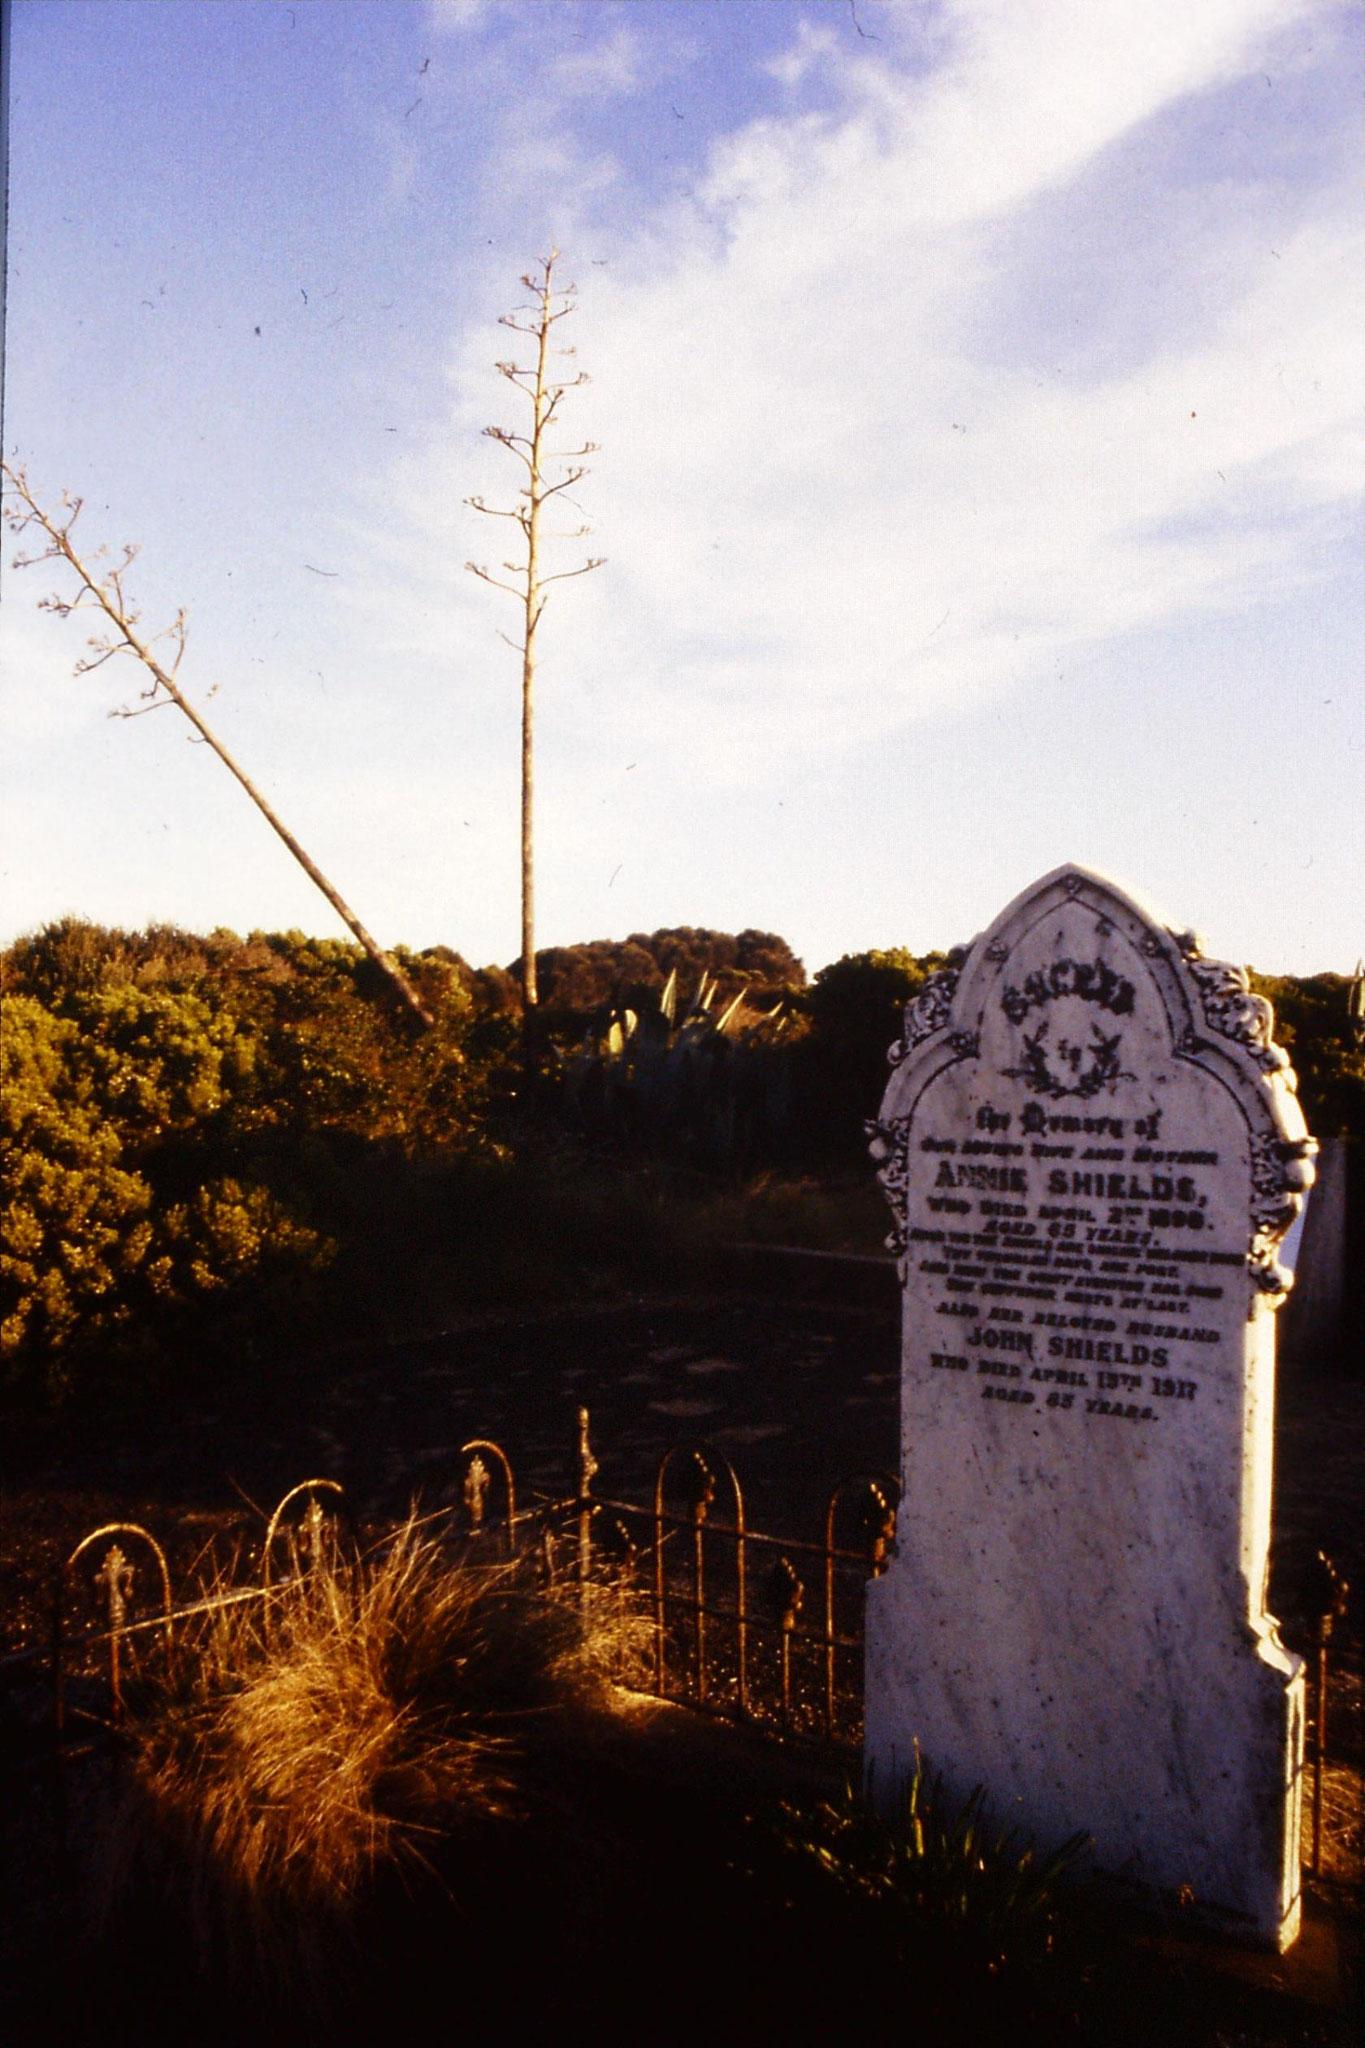 19/9/1990: 31: loch Ard graveyard